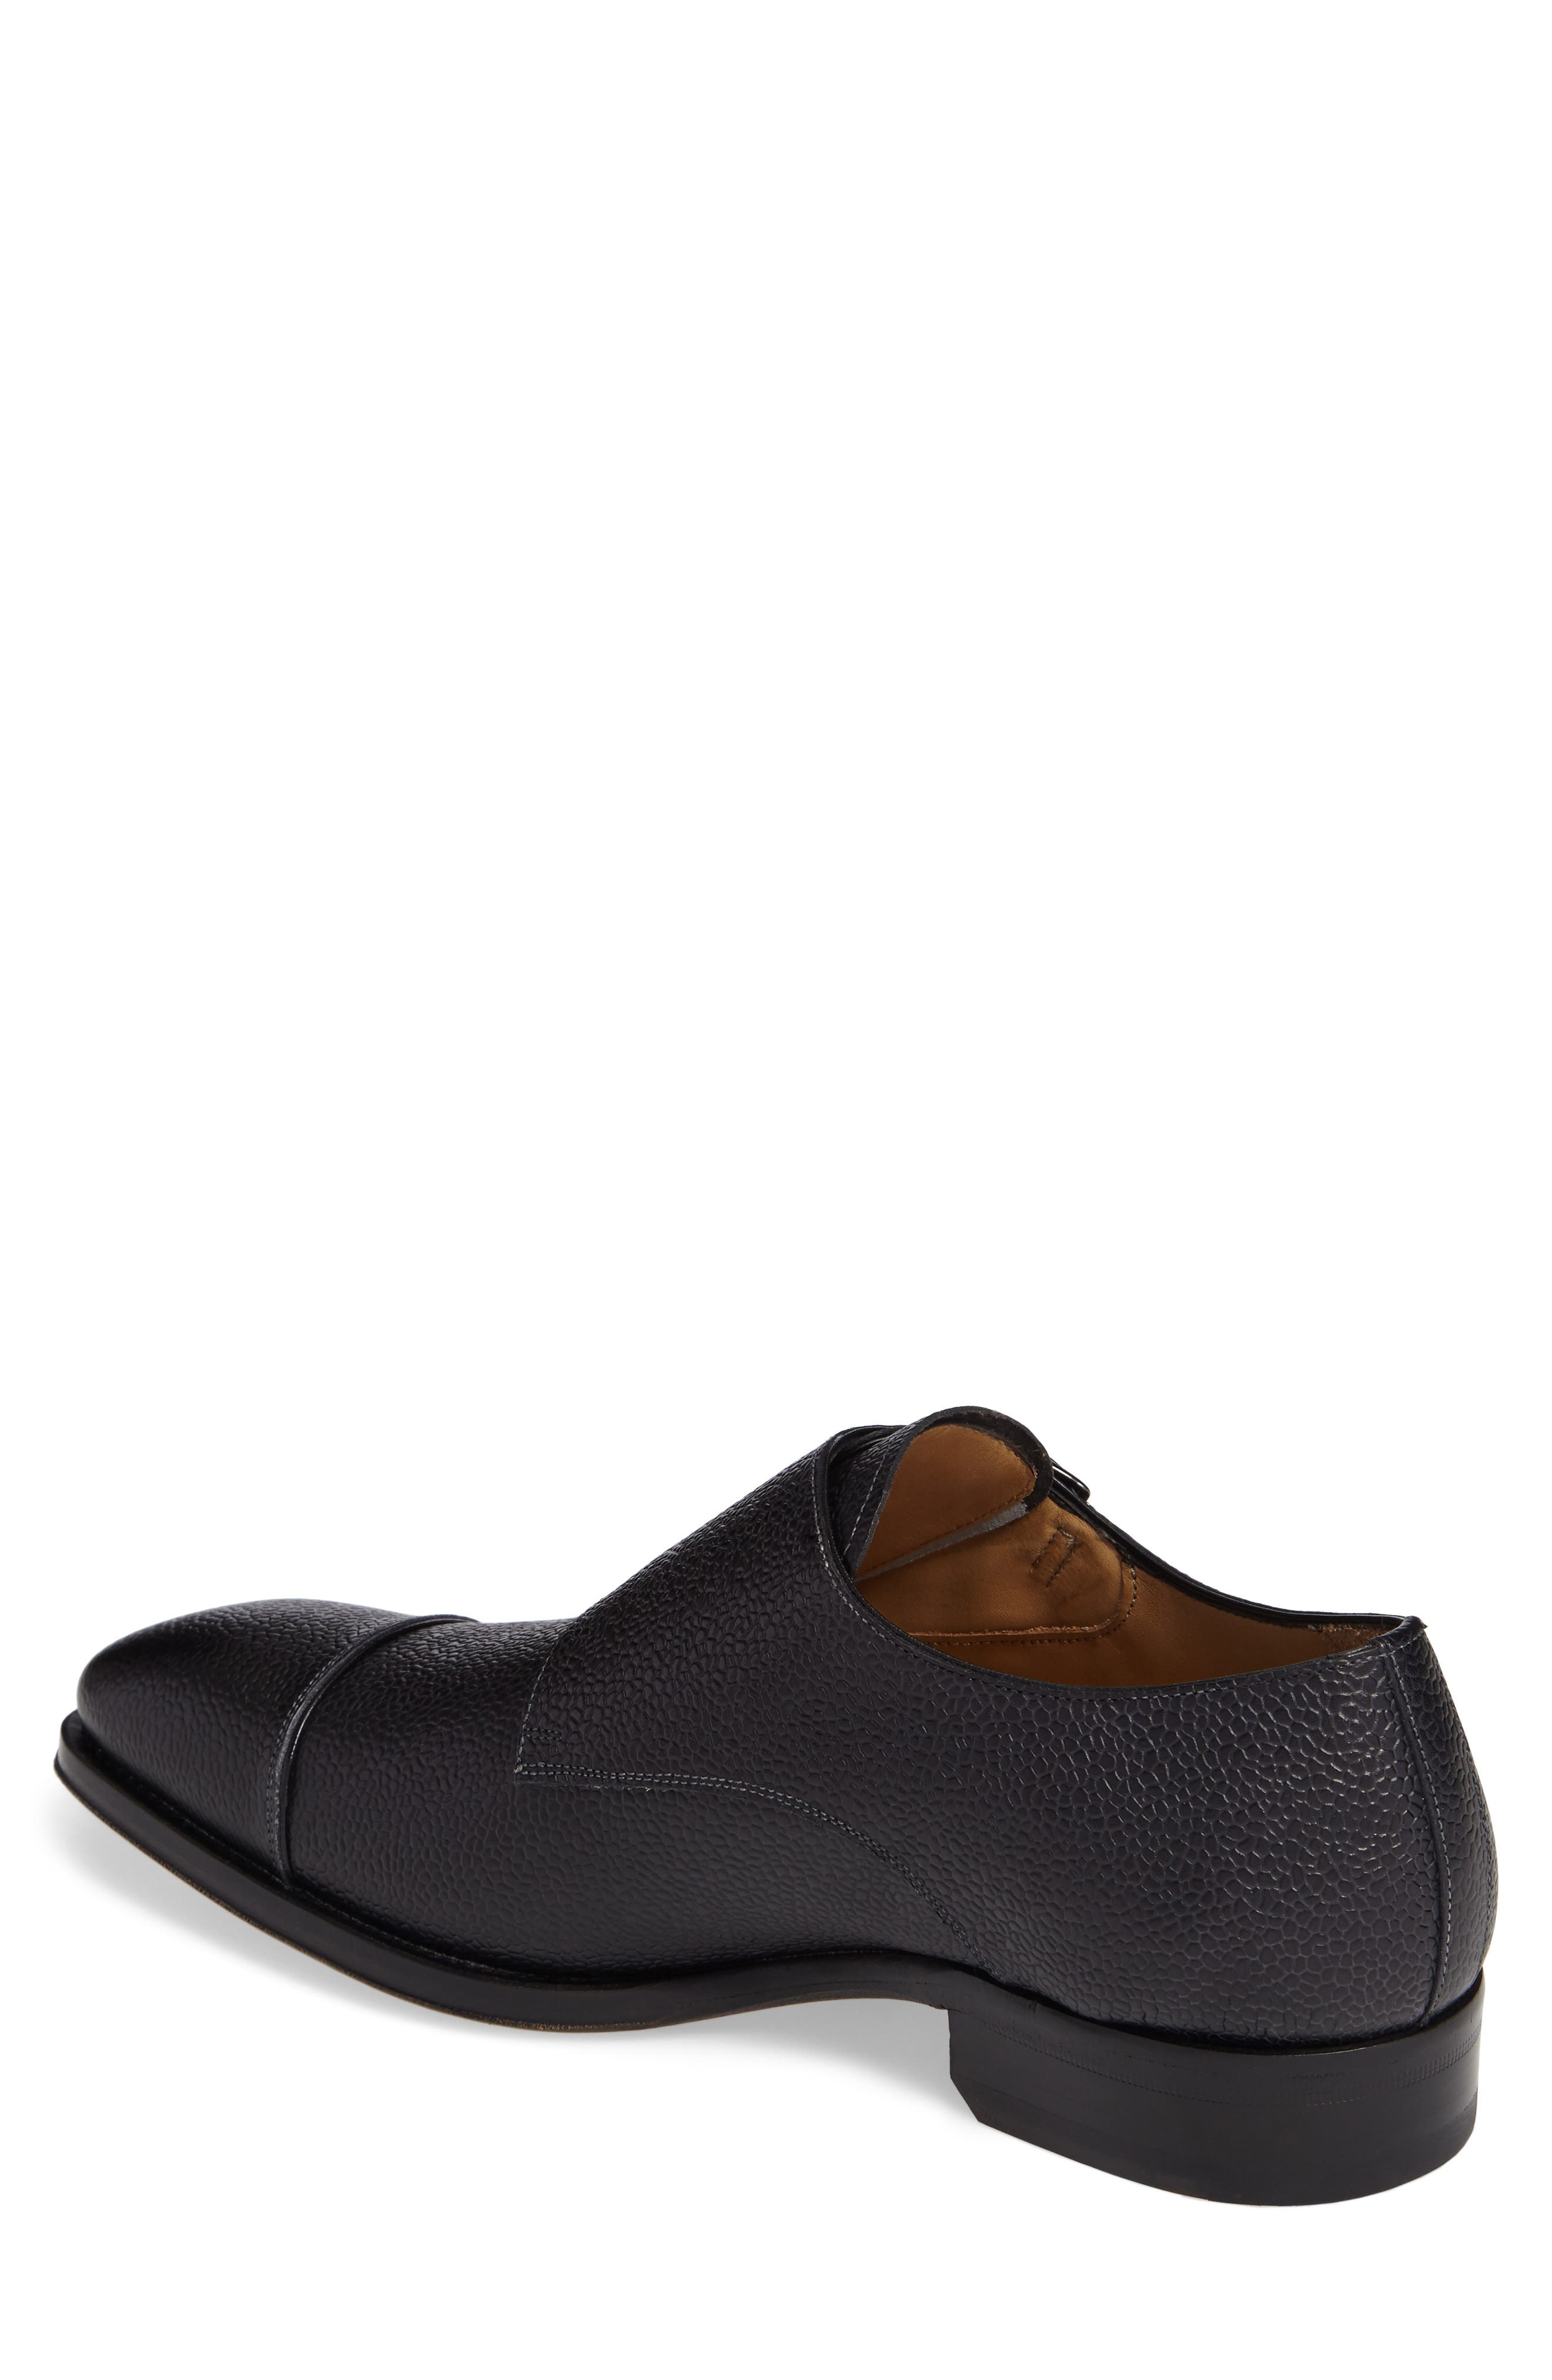 Lubrin Double Monk Strap Shoe,                             Alternate thumbnail 2, color,                             BLACK LEATHER